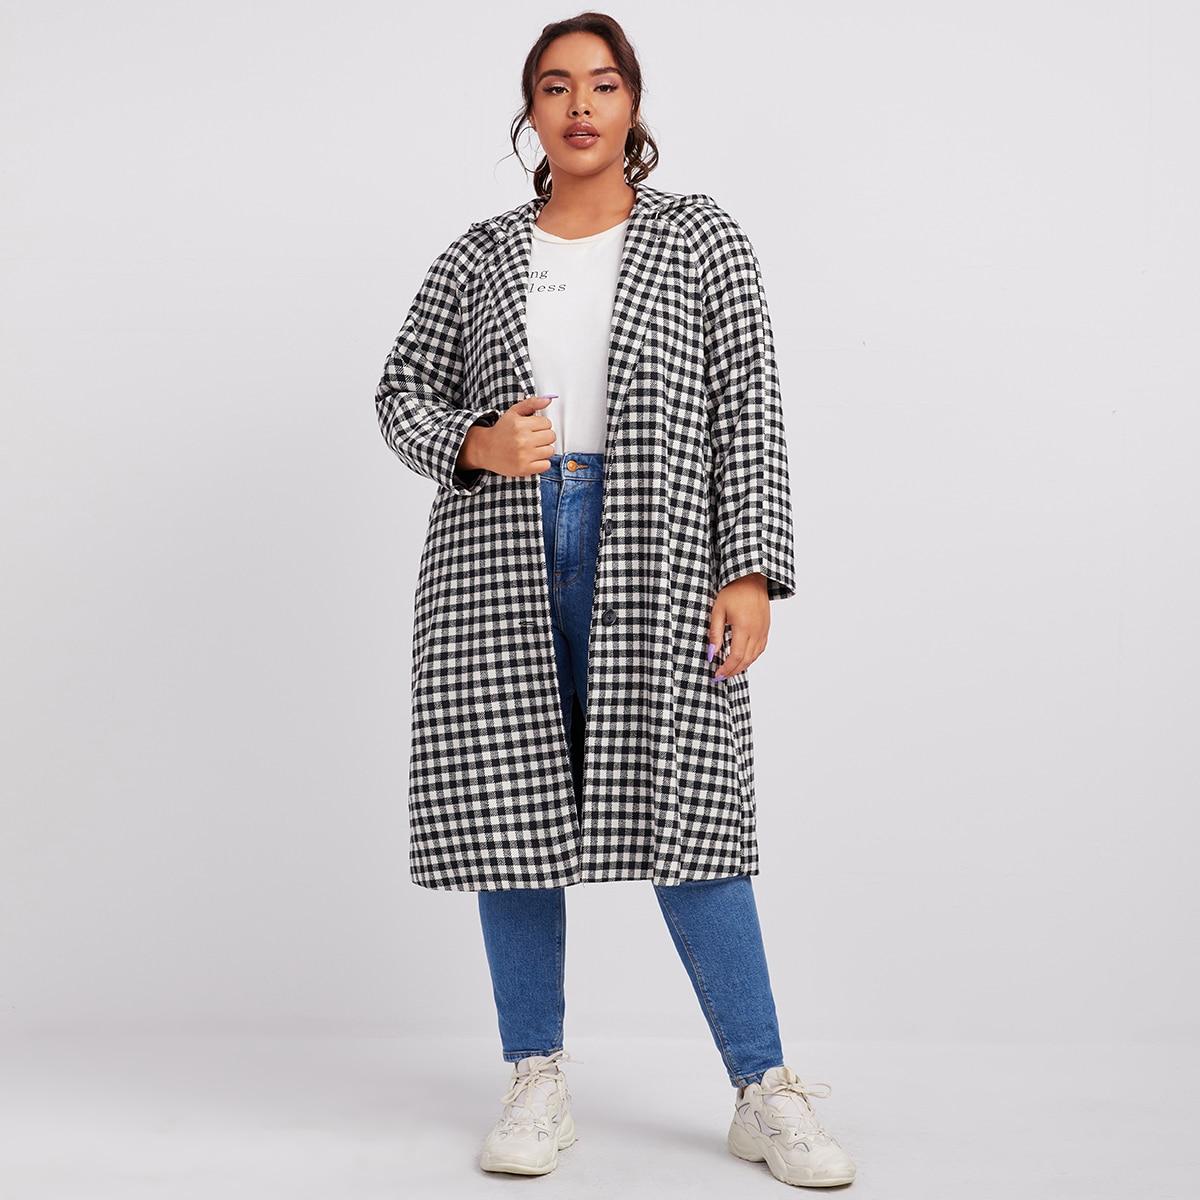 Однобортное пальто размера плюс с капюшоном в клетку